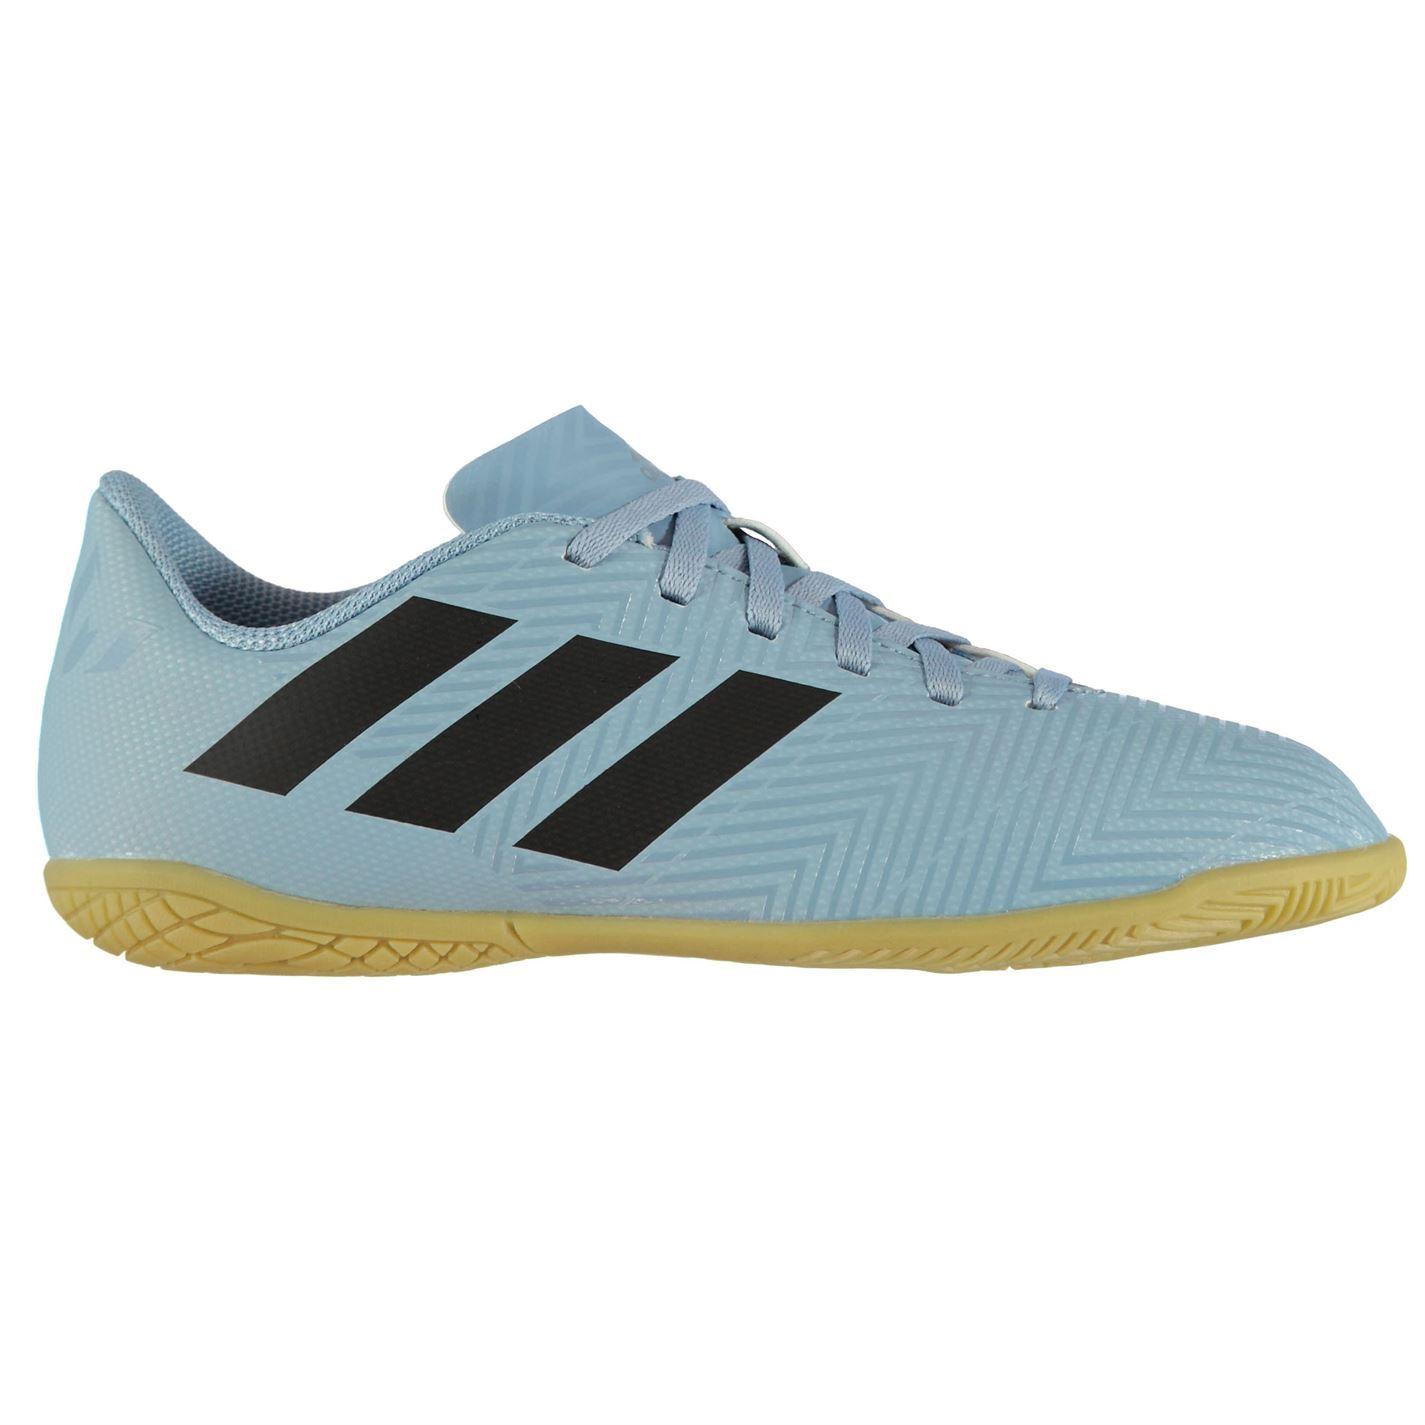 the best attitude 6ddee 60ceb ... Adidas Nemeziz Messi Tango 1 8,4 scarpa blu calcio allenatori Childs  calcio Indoor ...